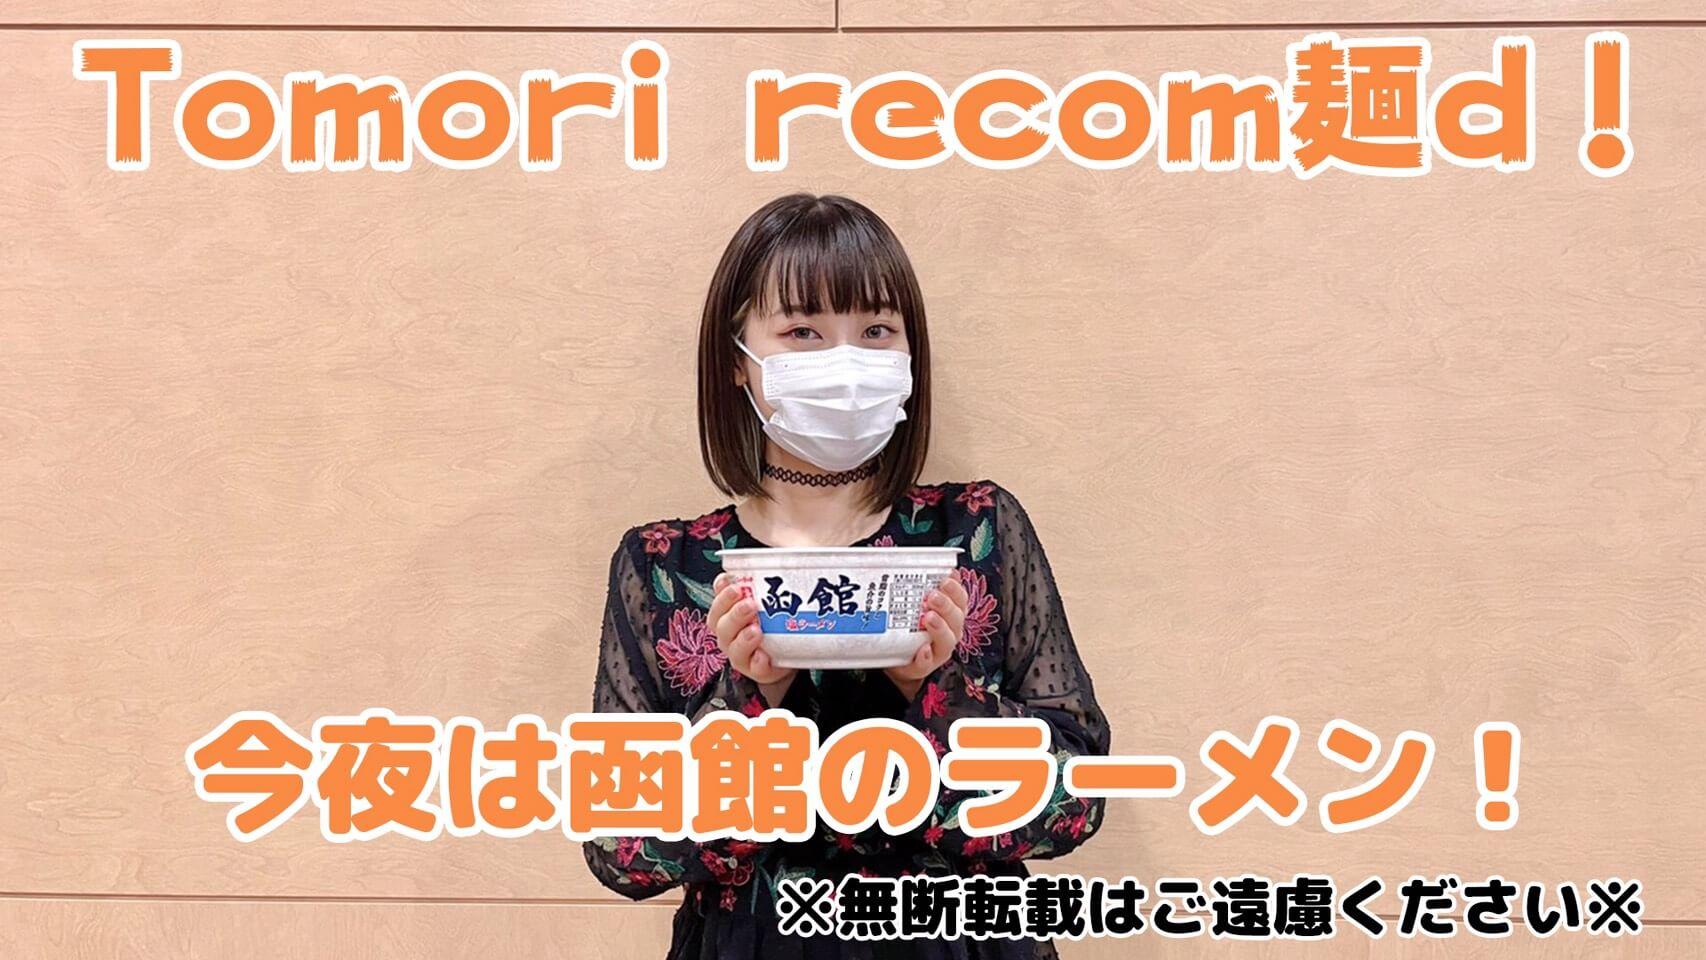 【楠木ともりThe Music Reverie】Tomori recom麺d!今夜は函館のラーメン!